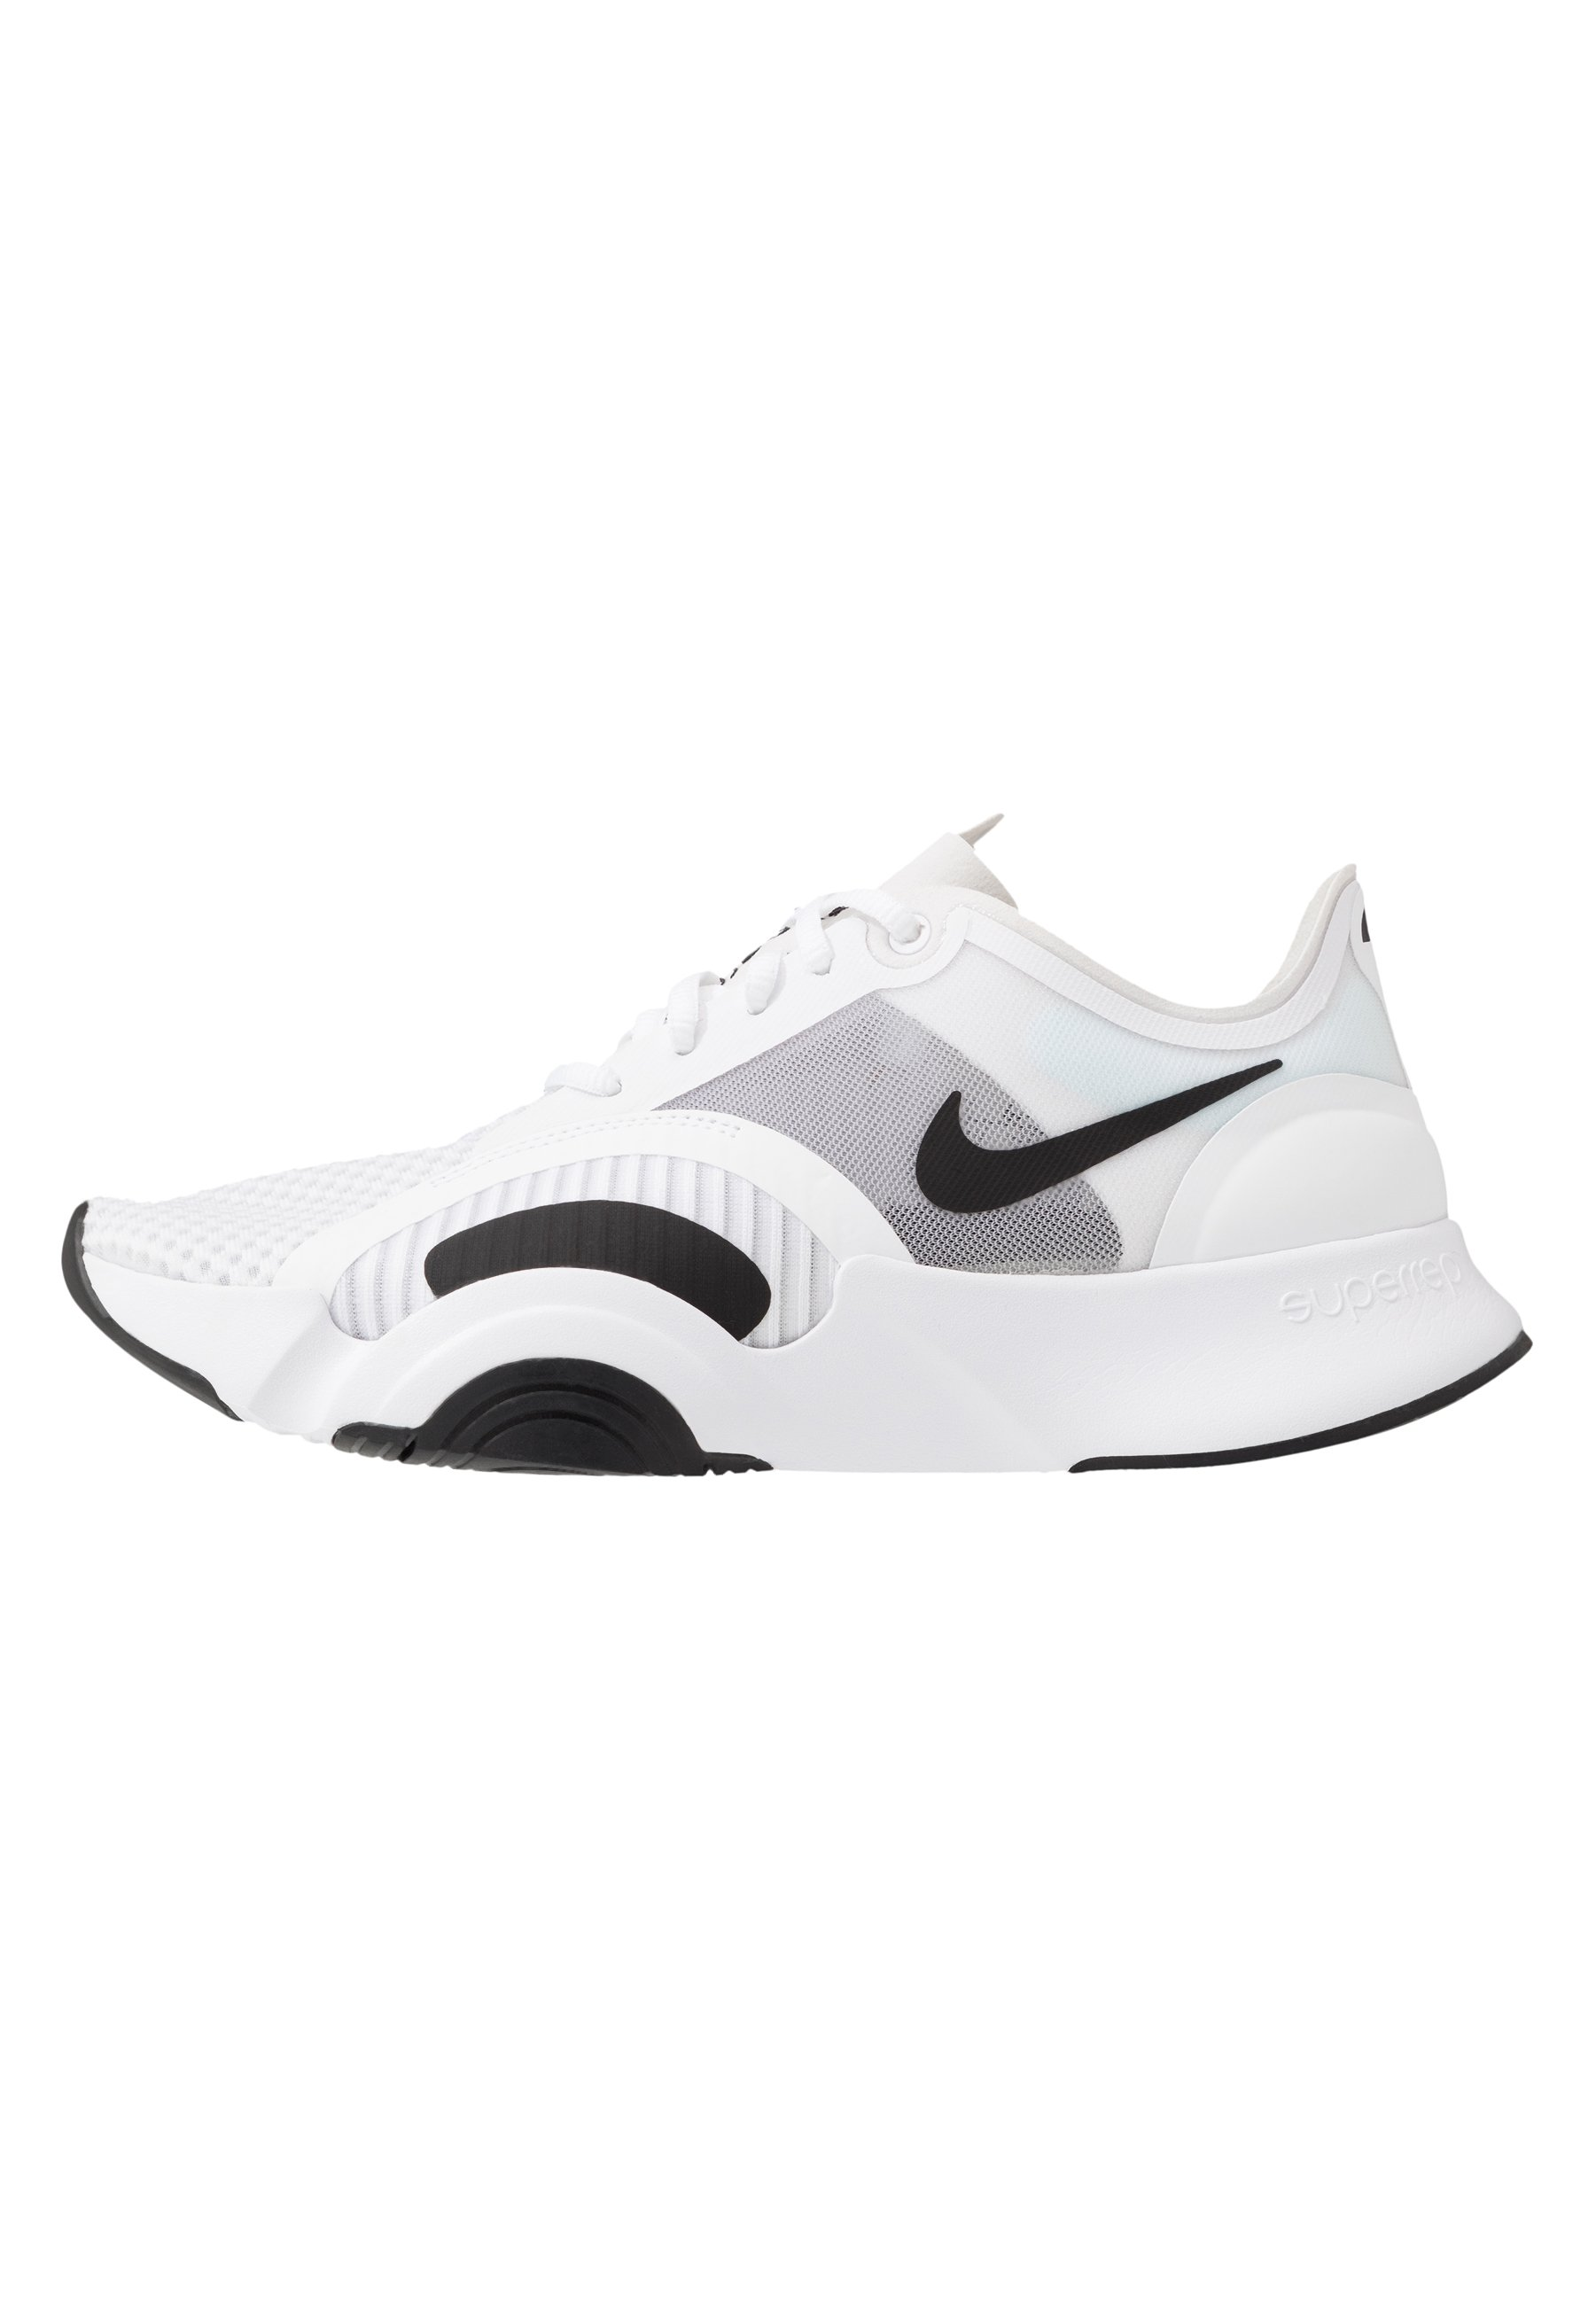 SUPERREP GO Chaussures d'entraînement et de fitness whiteblack